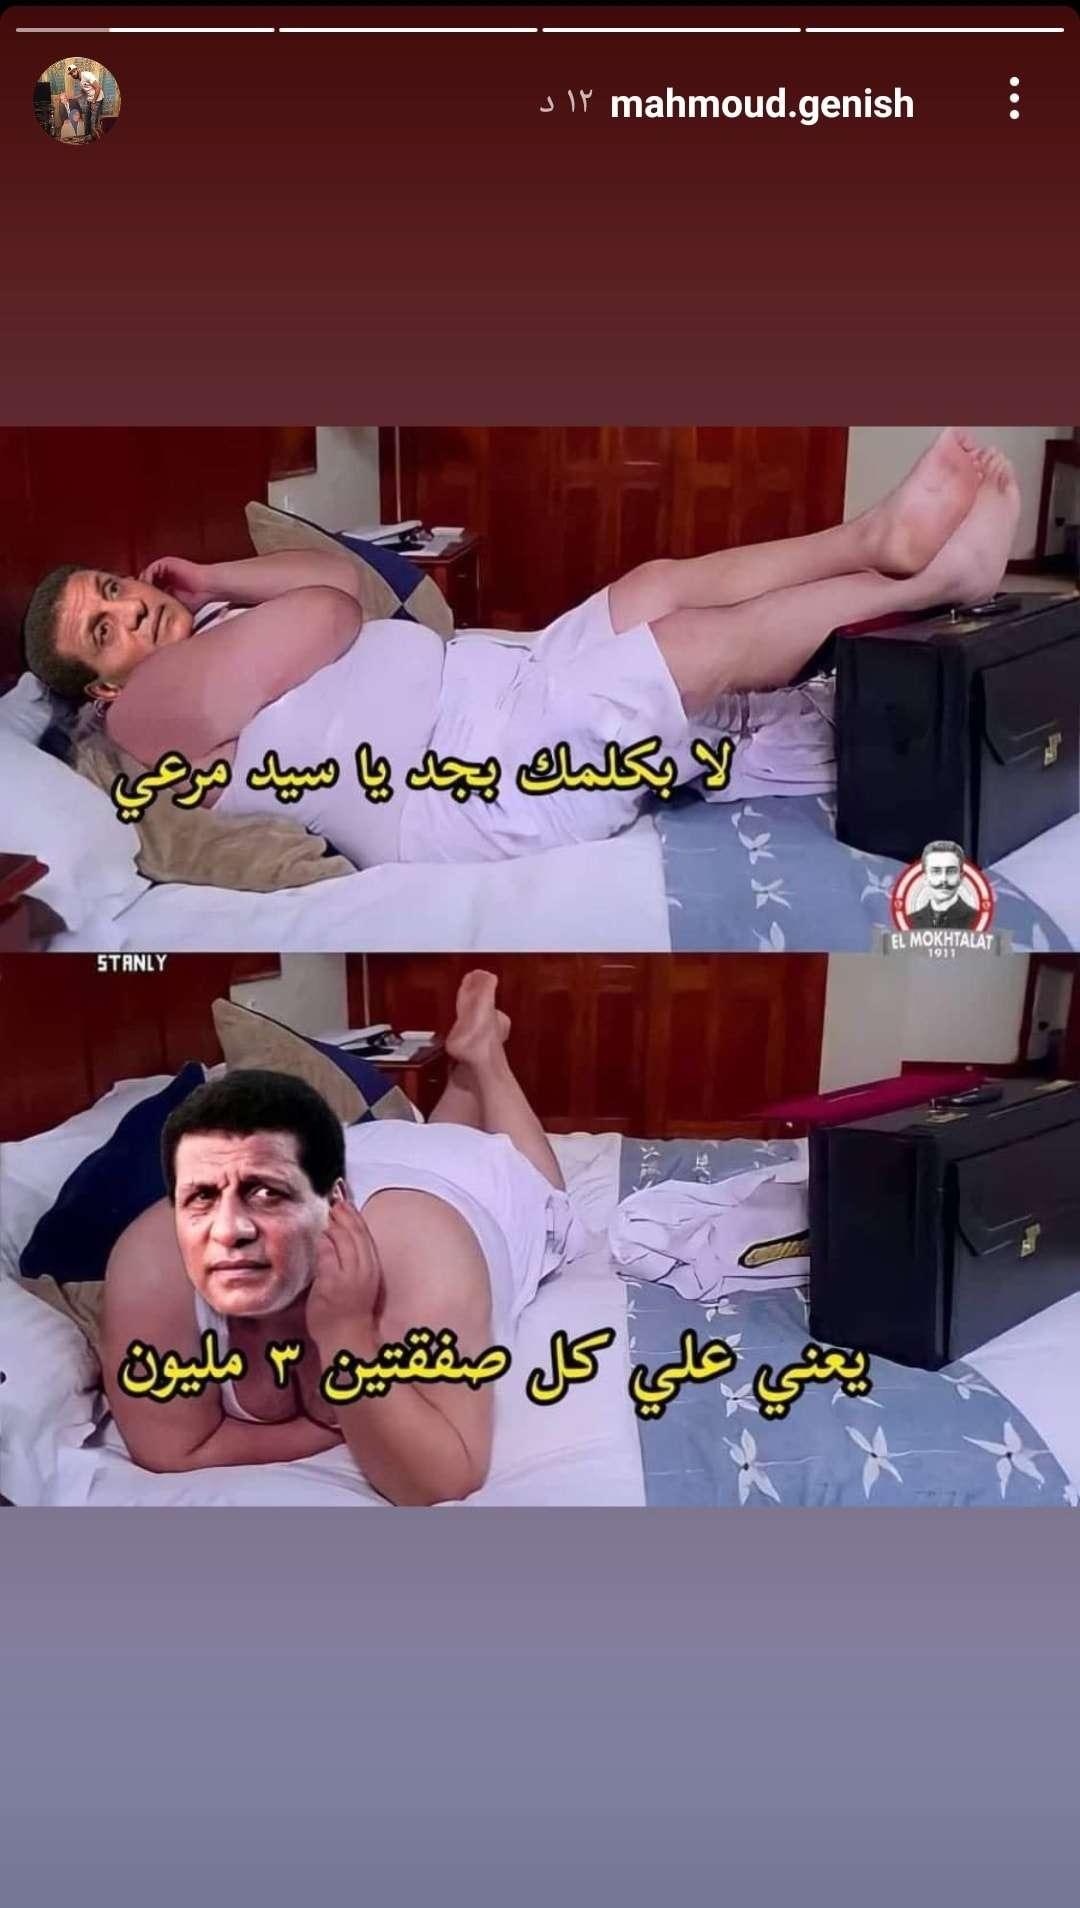 جنش ضرب إسفين في الزمالك - سمسرة فاروق جعفر